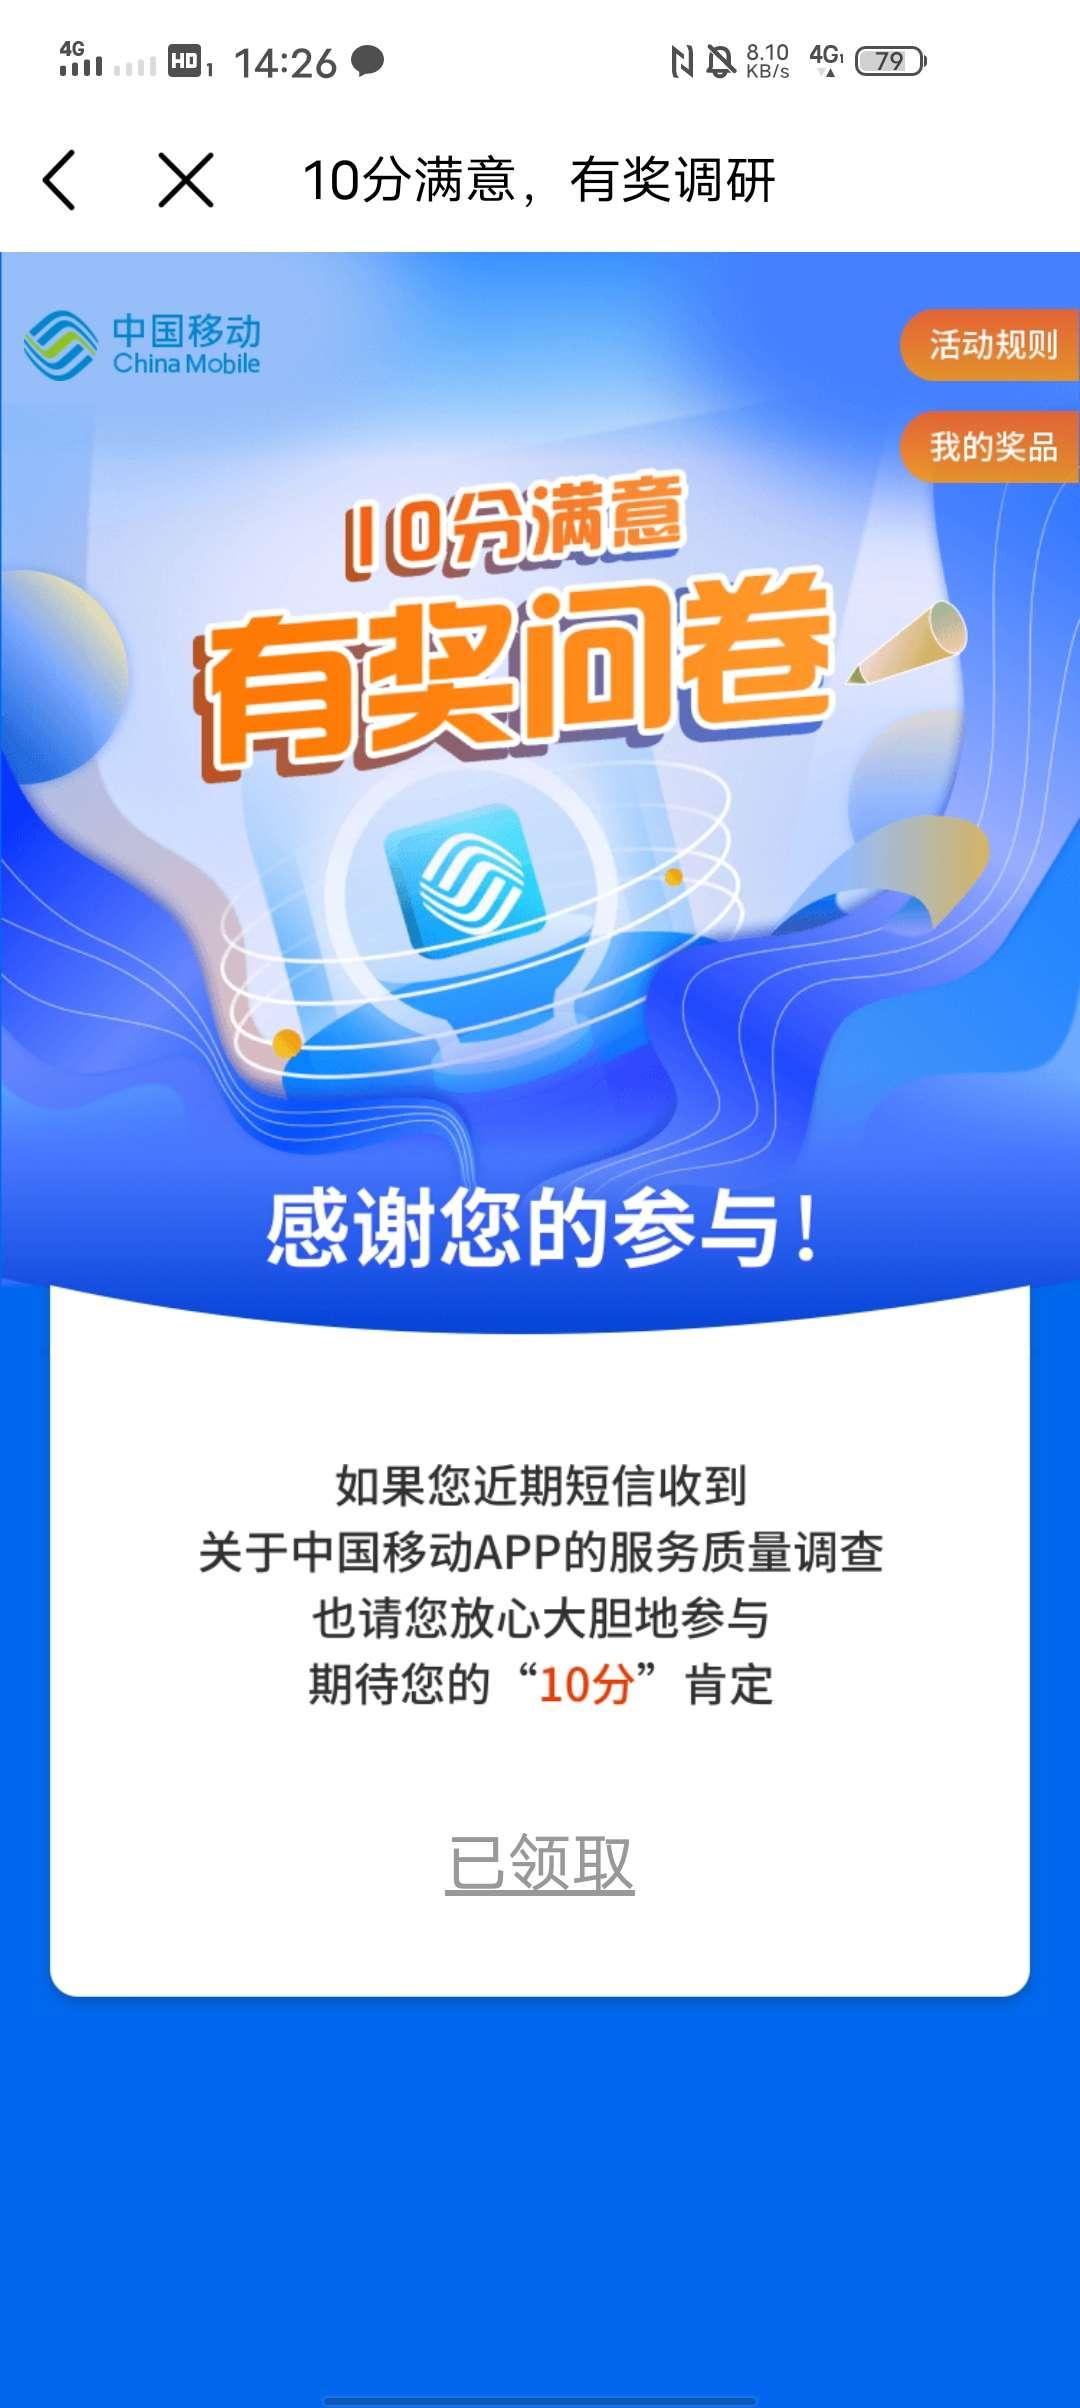 【中国移动】免费获取流量-聚合资源网